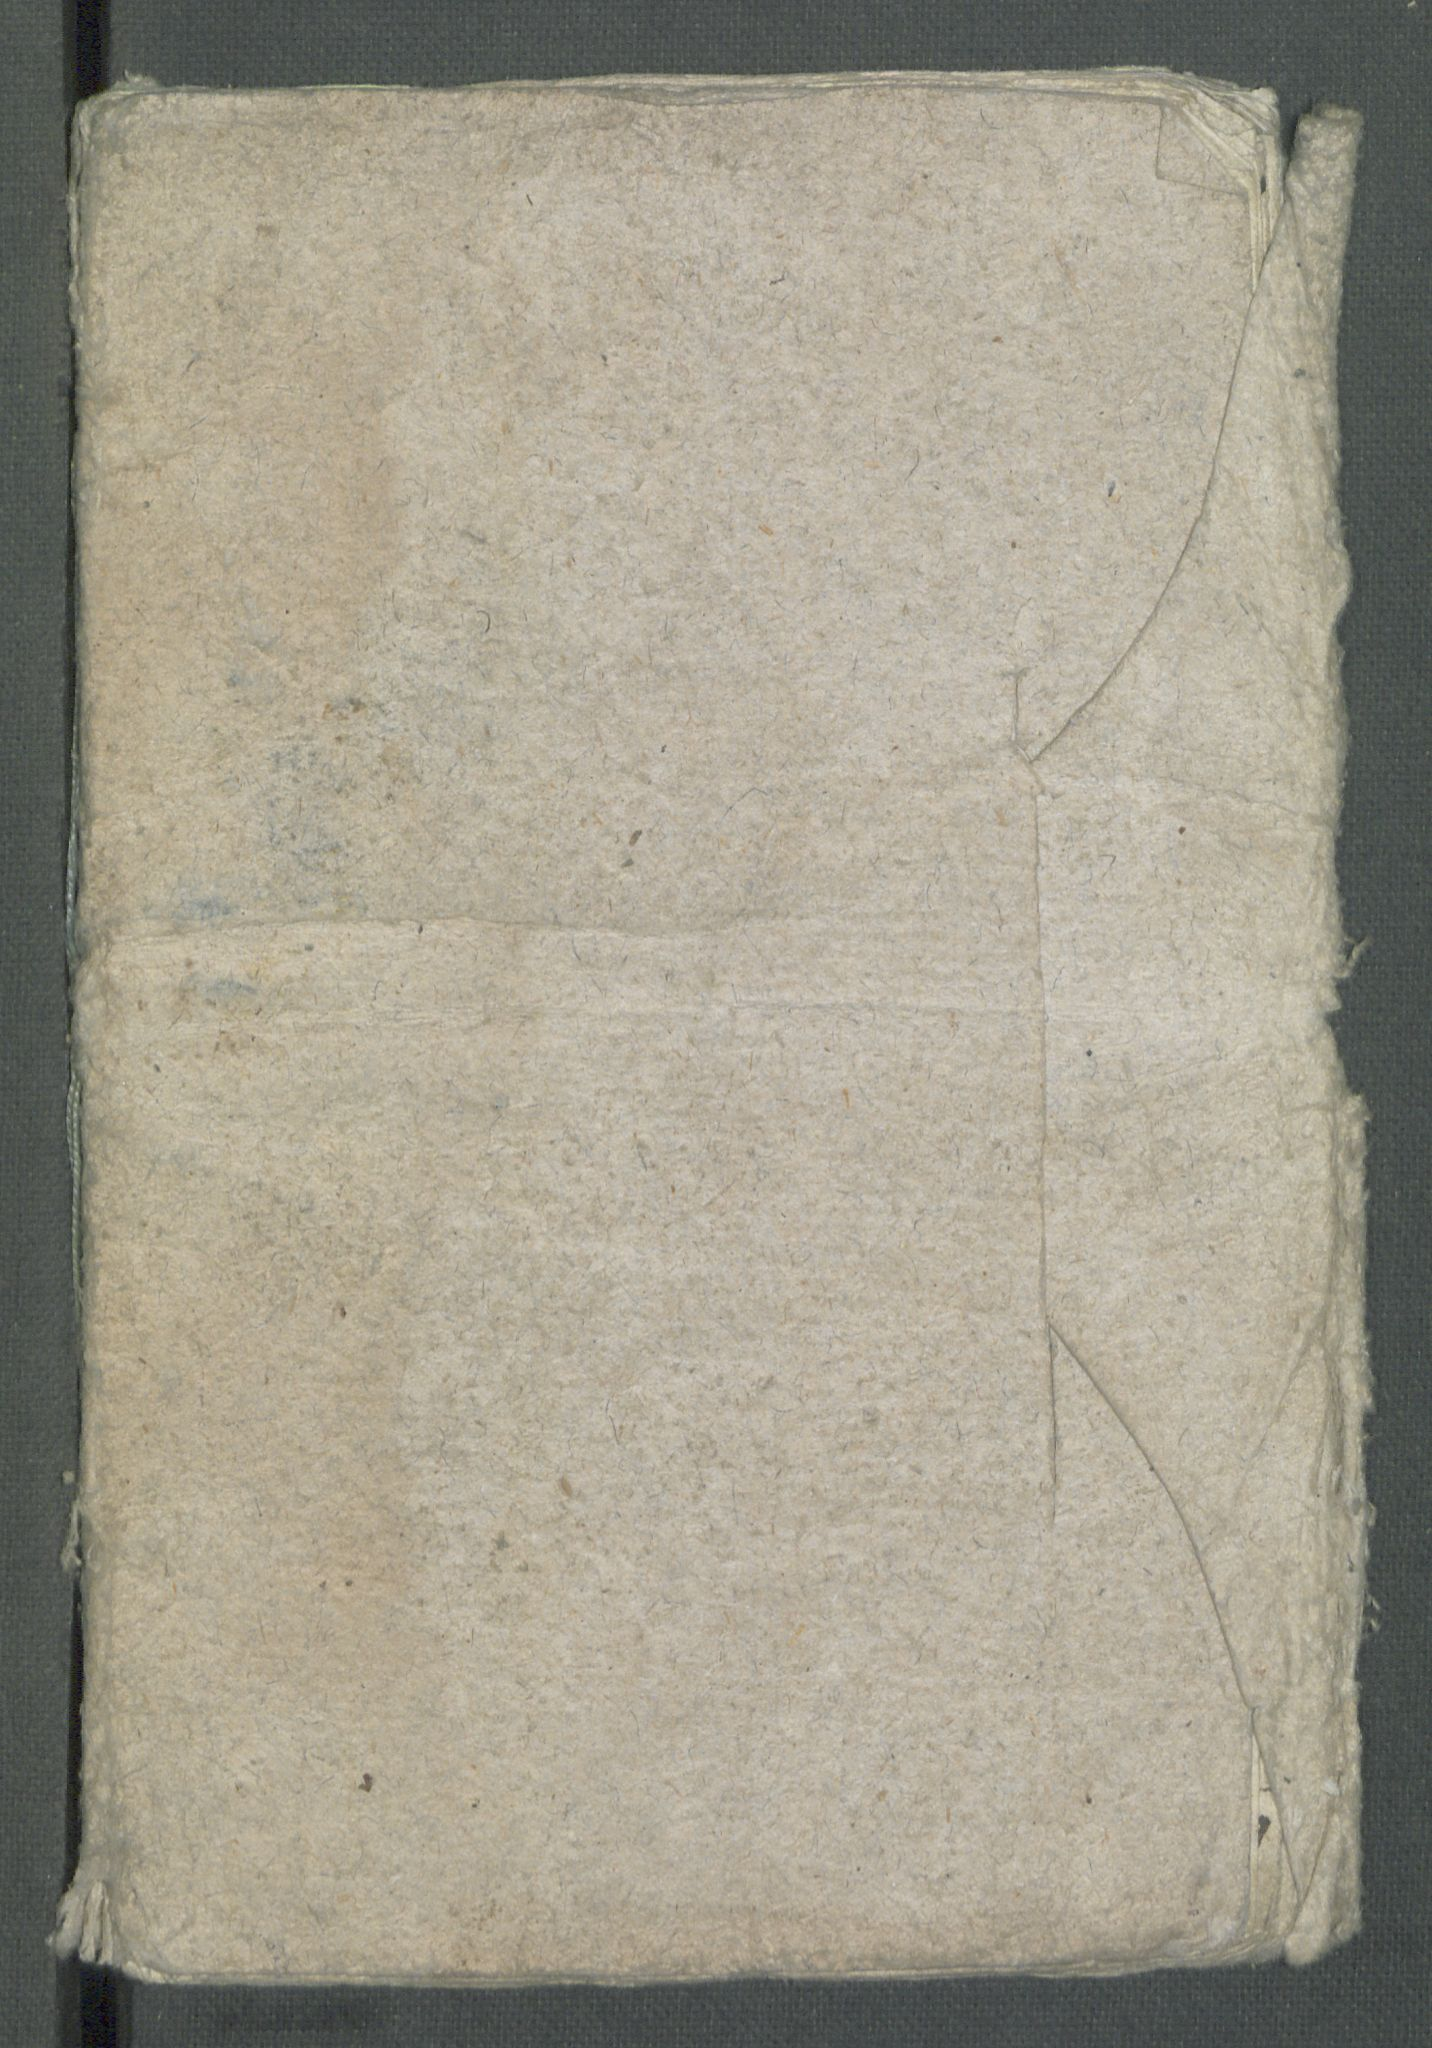 RA, Rentekammeret inntil 1814, Realistisk ordnet avdeling, Od/L0001: Oppløp, 1786-1769, s. 652